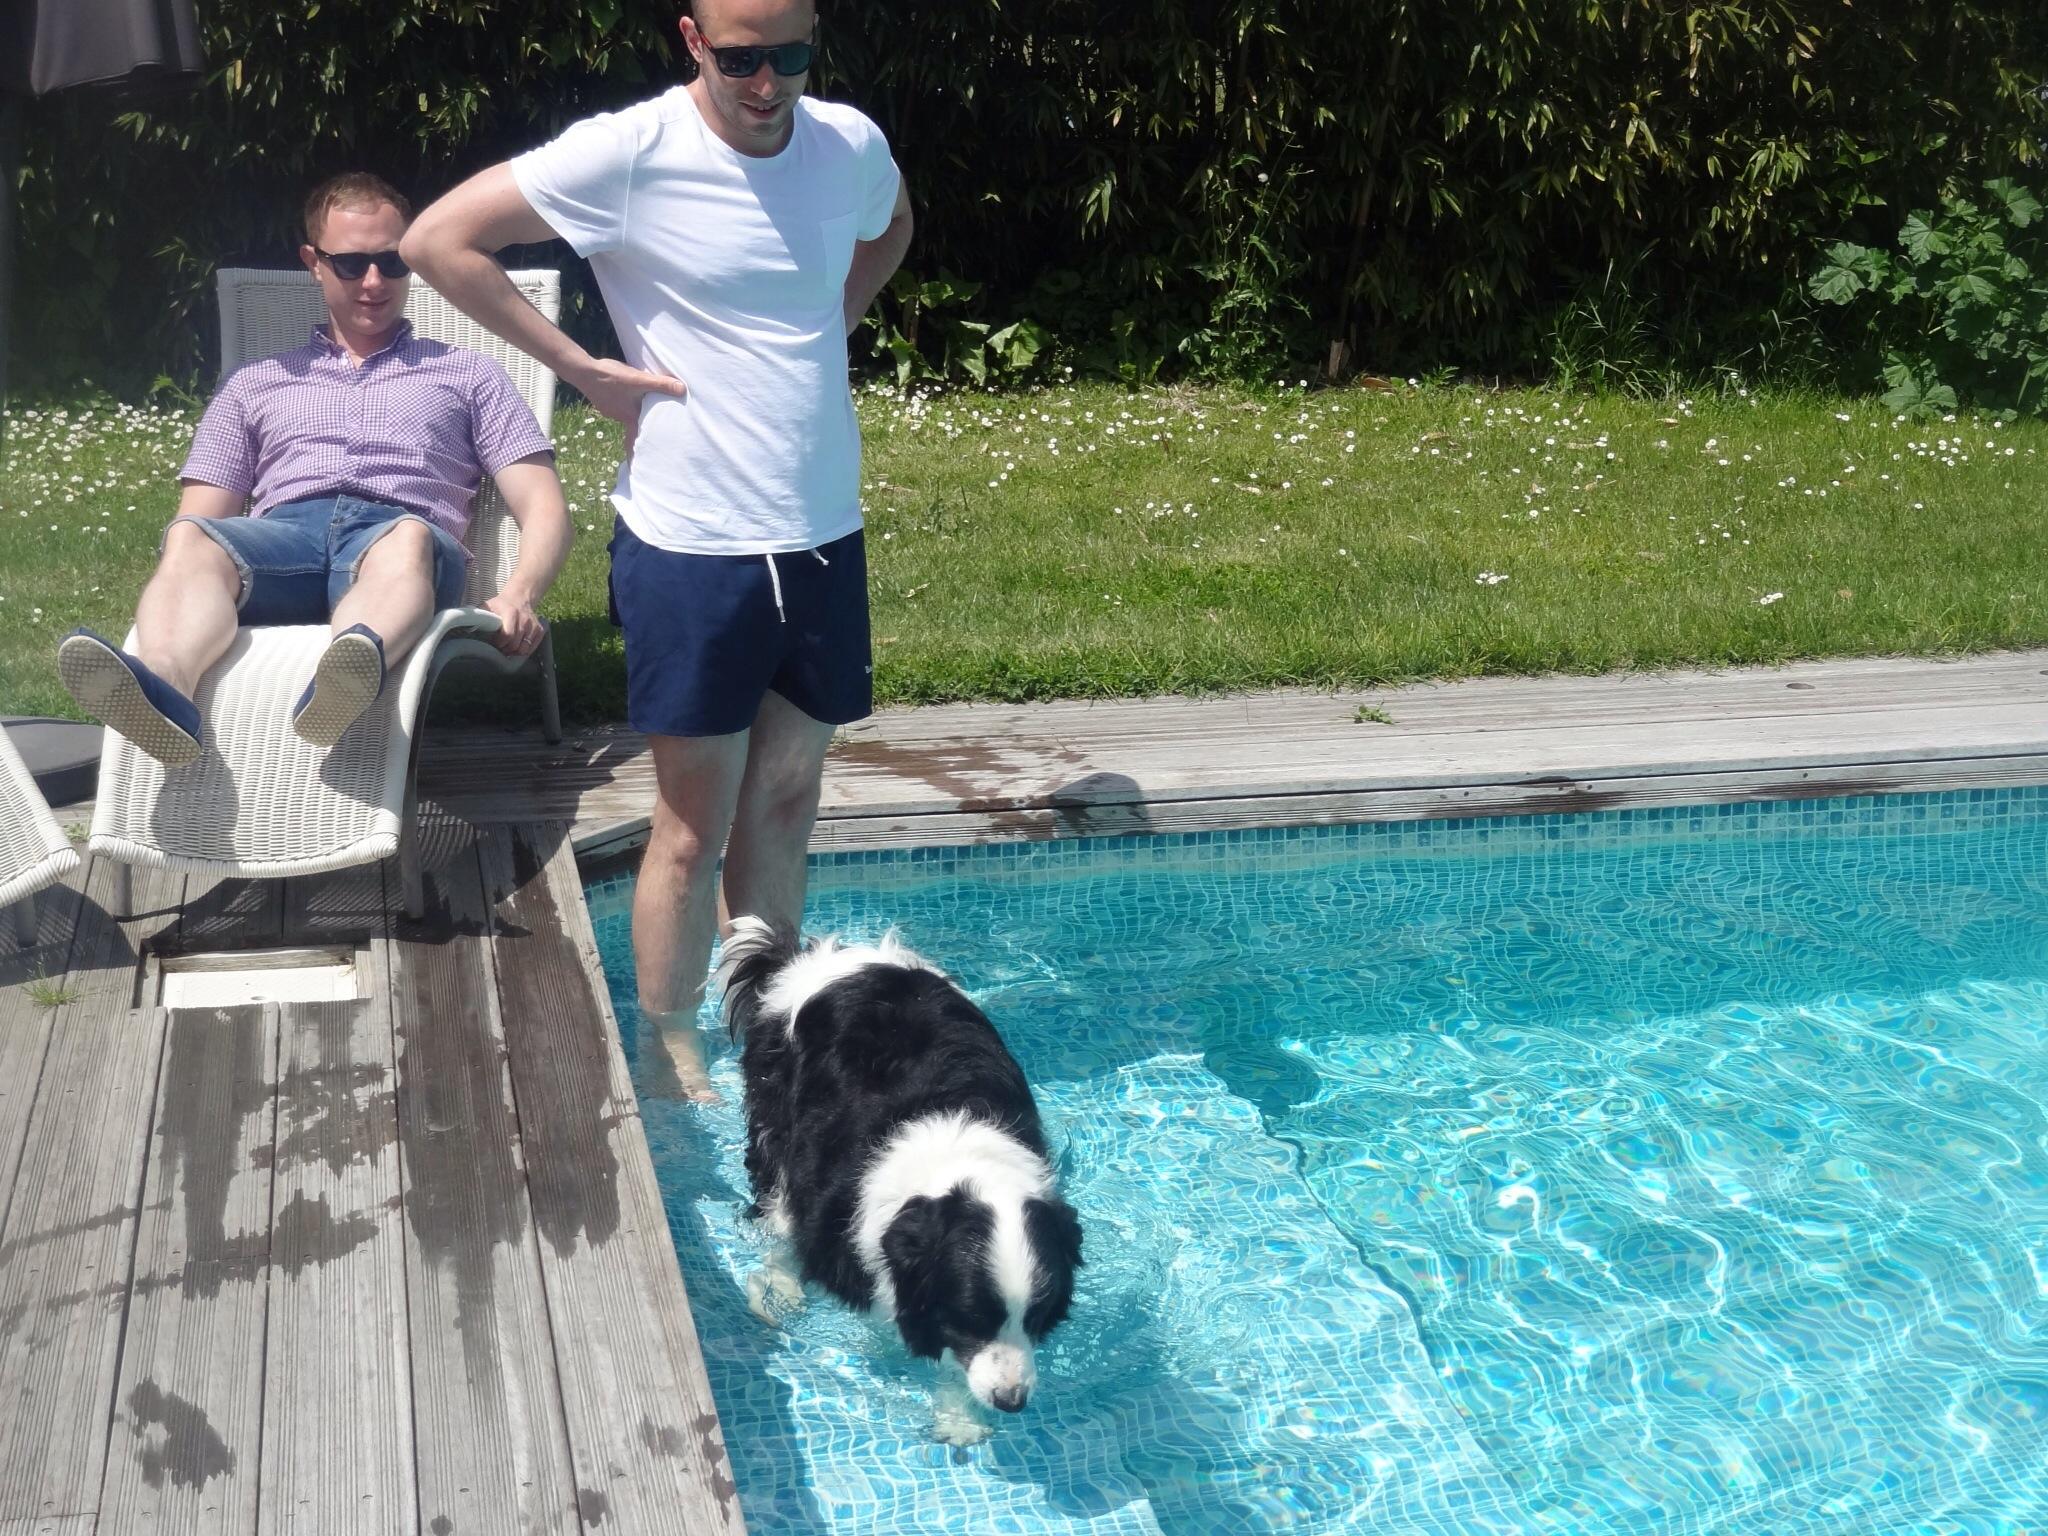 Tiga in the pool